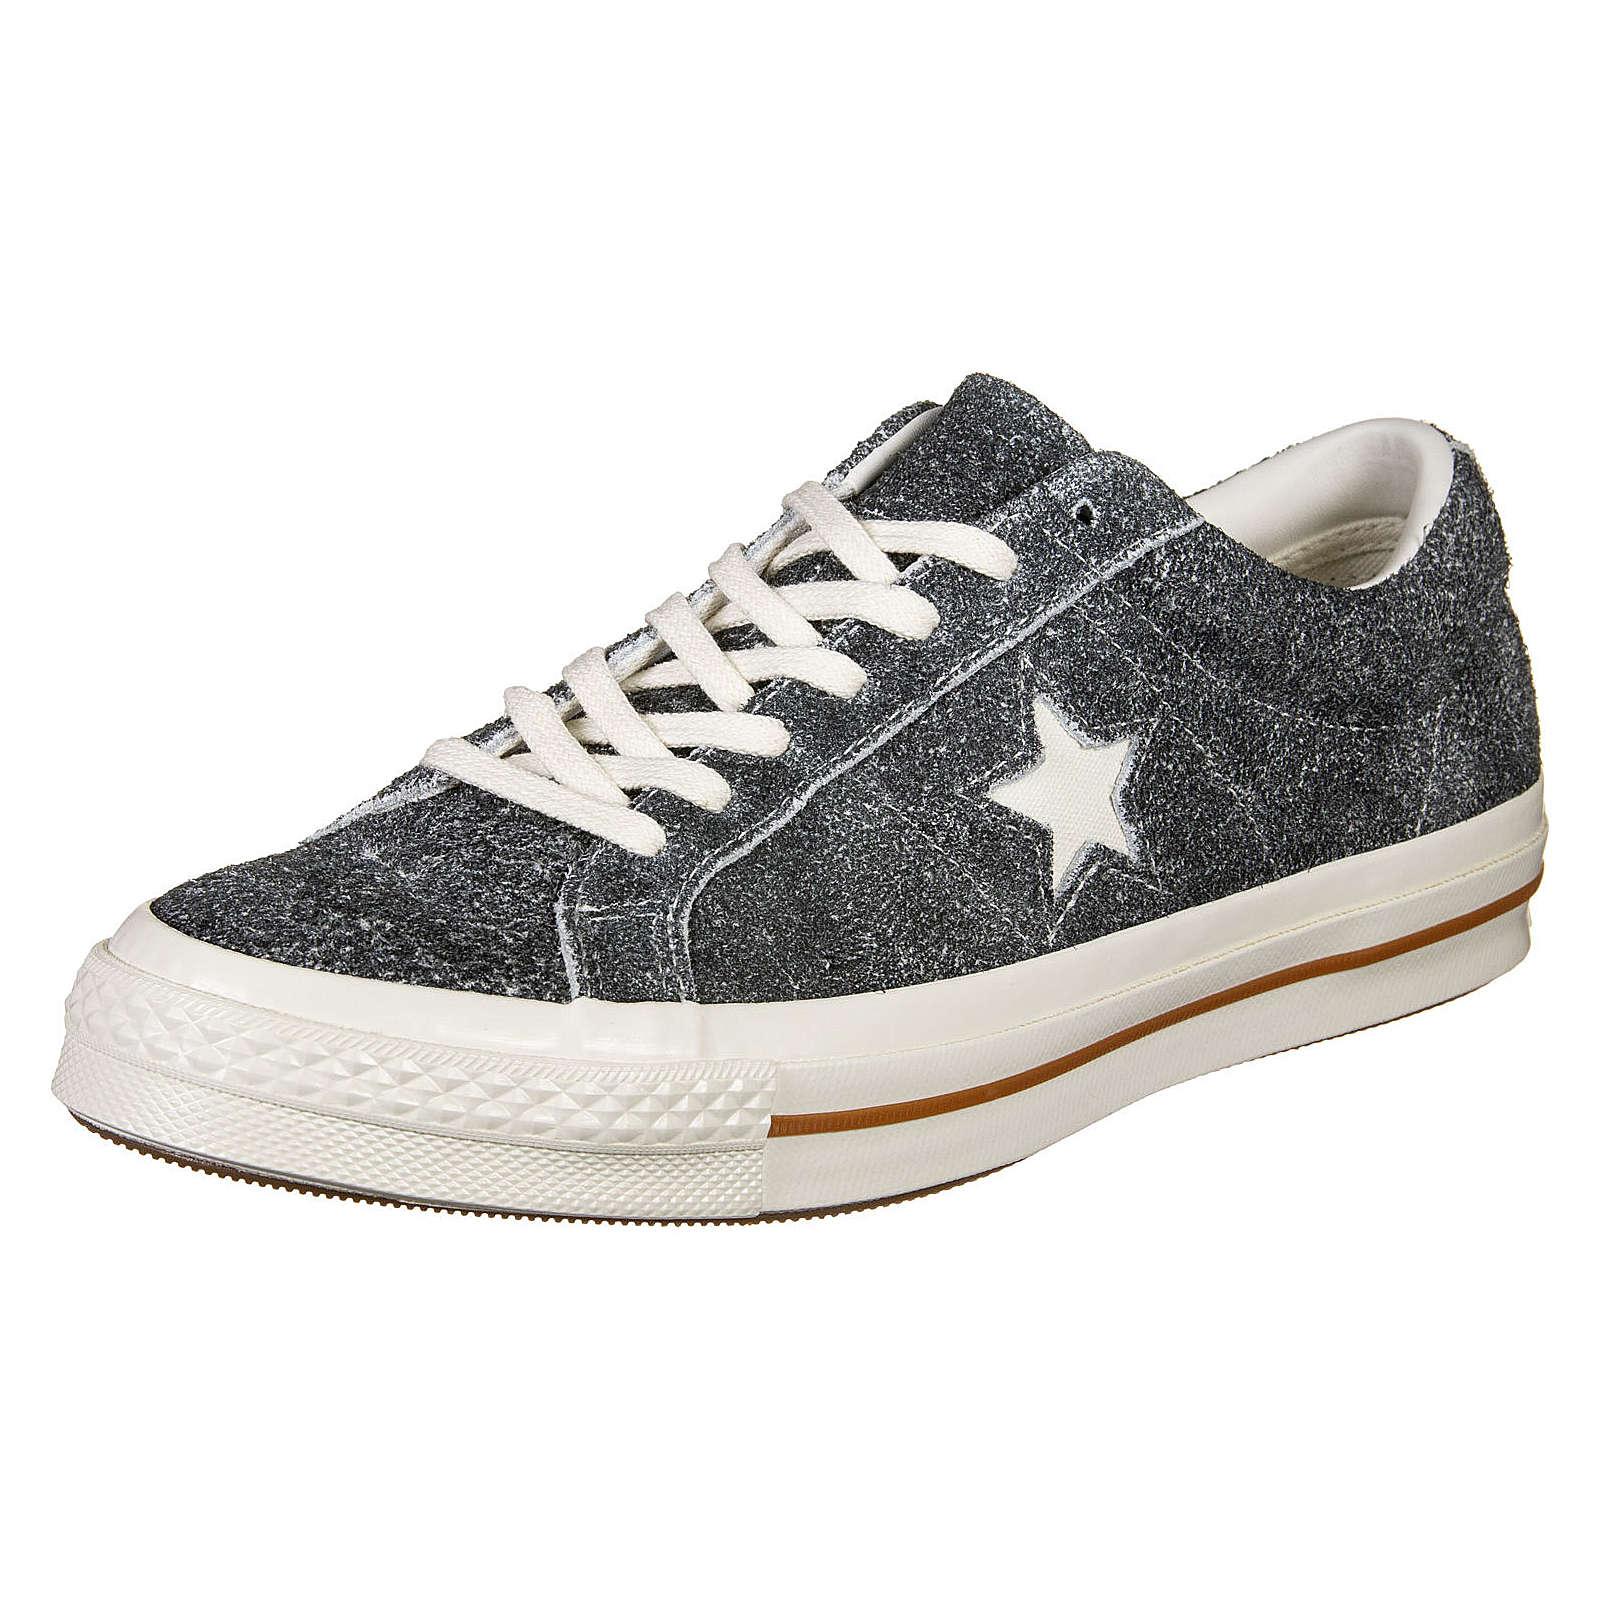 Artikel klicken und genauer betrachten! - Der One Star Ox Schuh von Converse vereint einen klassischen Chucks-Look mit einem sportlichen Sneaker-Style. Seitlich gibt es hier den Stern als Logo und damit auch wirklich jeder den Treter zuordnen kann, liefert die Gummi-Außensohle den weltbekannten Charme des Labels.  Die flache Silhouette lässt sich super easy kombinieren und verpasst dem Sneaker einen alltagstauglichen Retro-Style.   im Online Shop kaufen